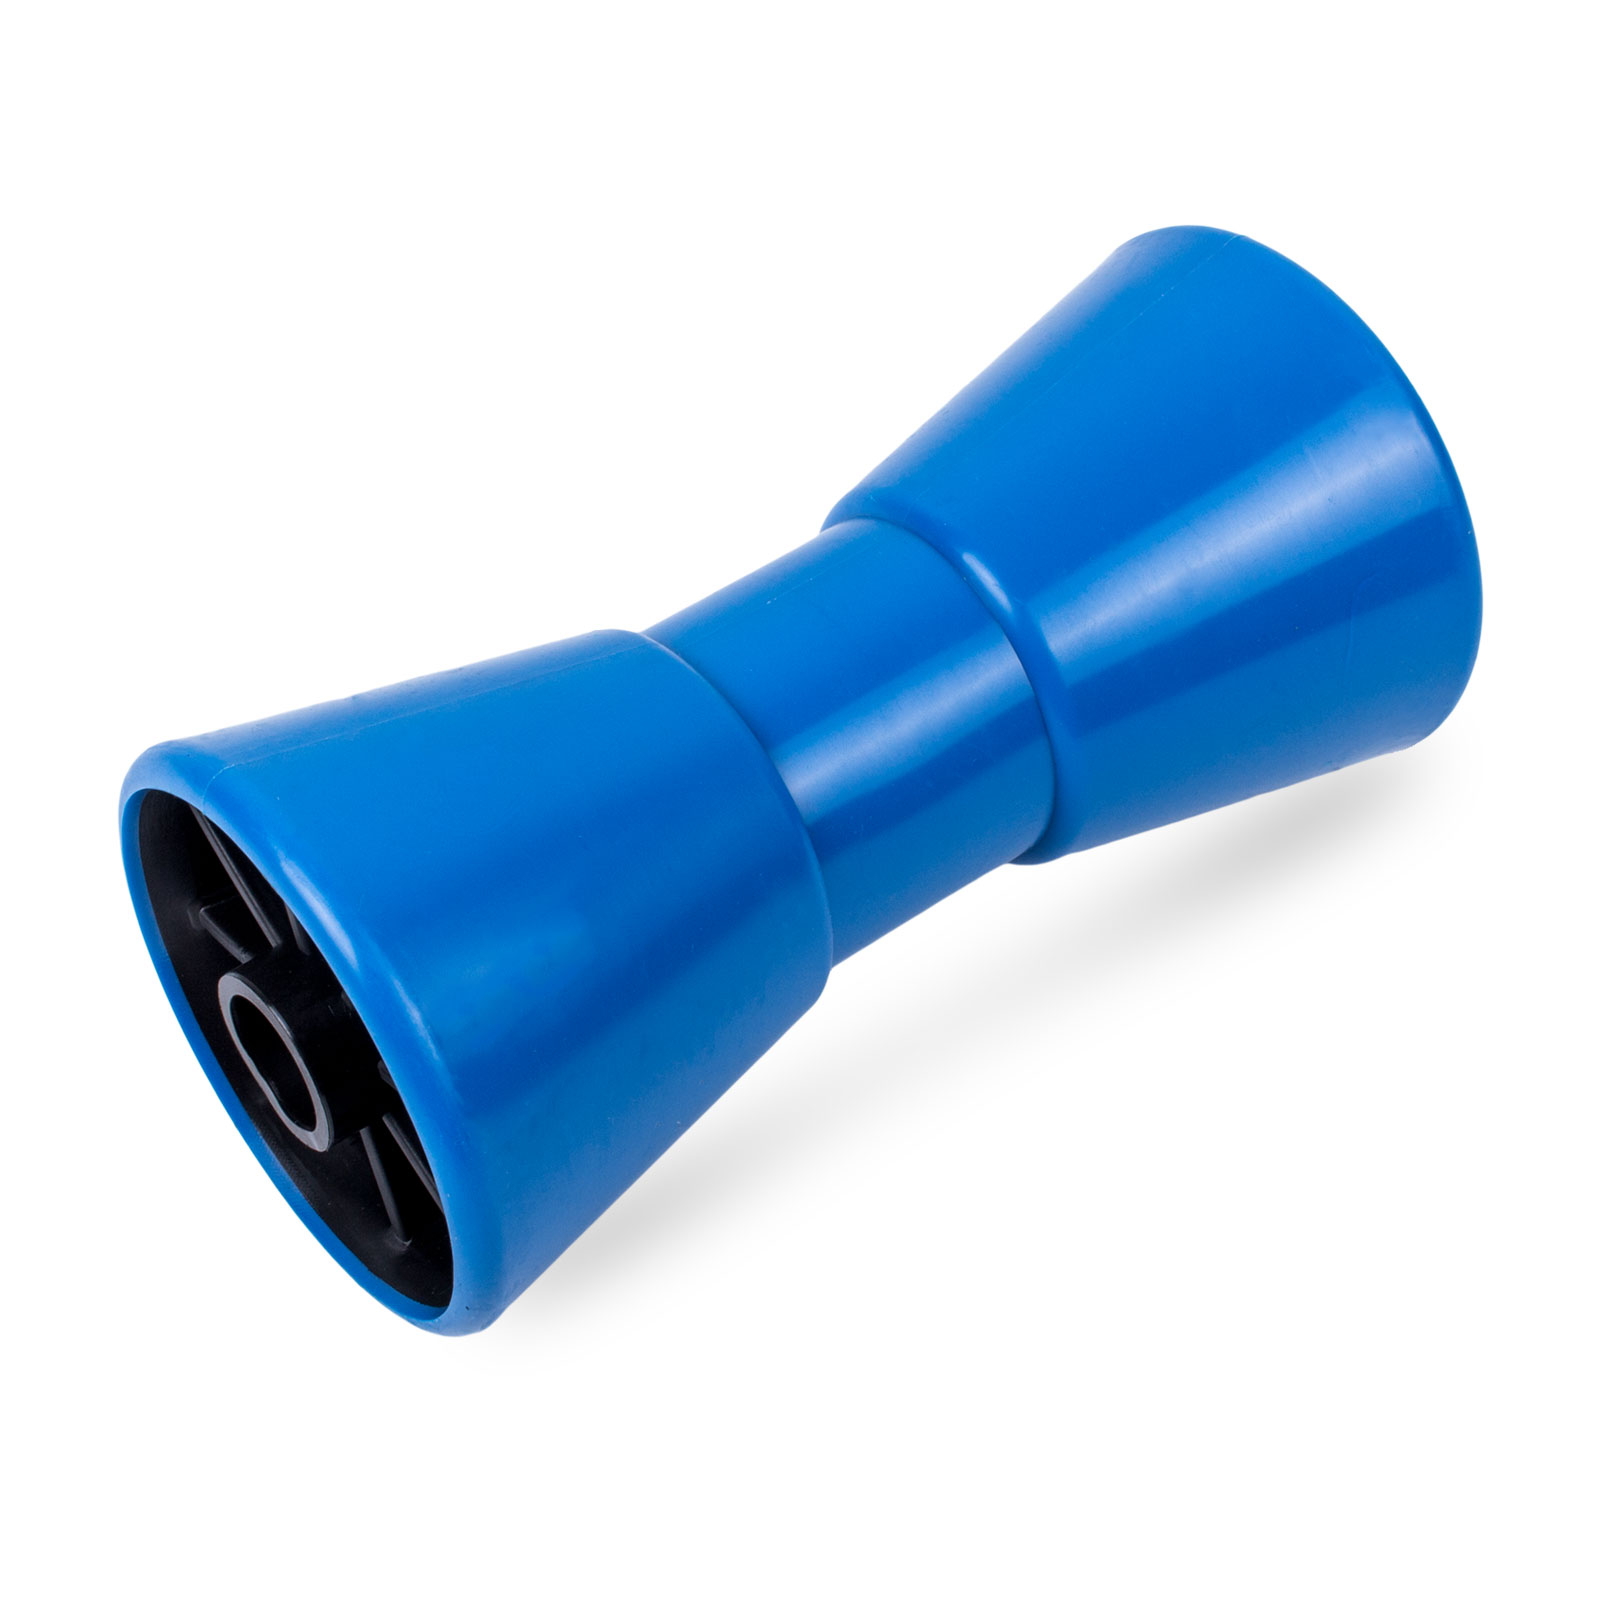 Kielrolle PE, 200mm, 22mm Bohrung, Keilform für Bootstrailer, blau